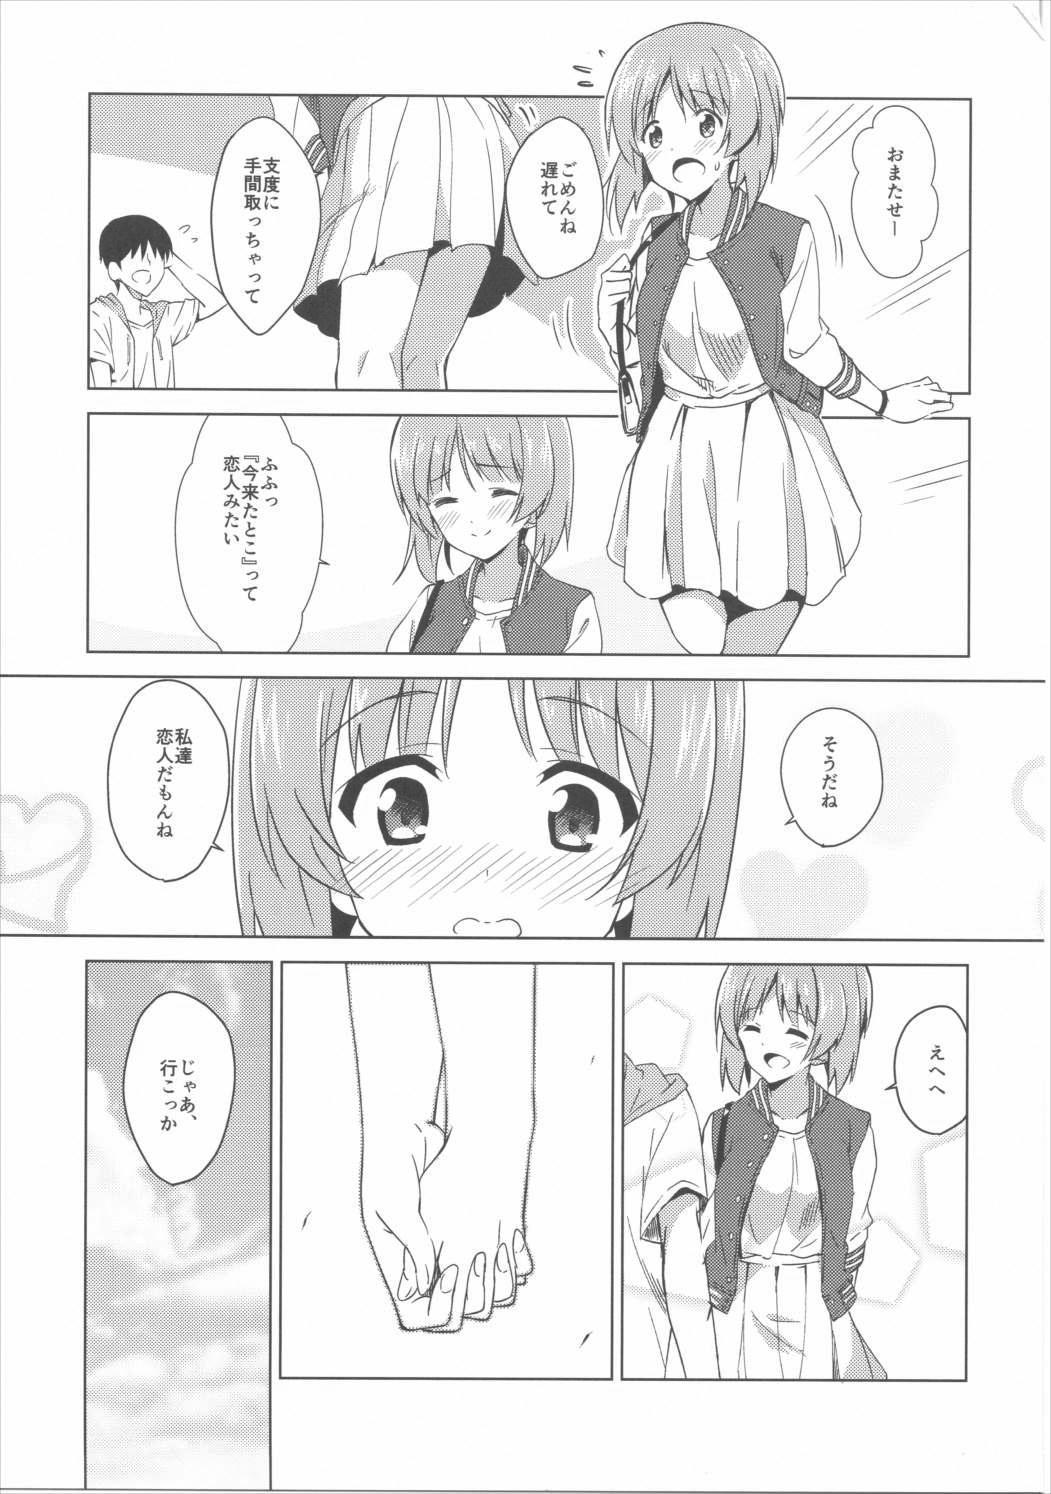 Watashi, Motto Ganbarimasu! - I will do my best more! 15